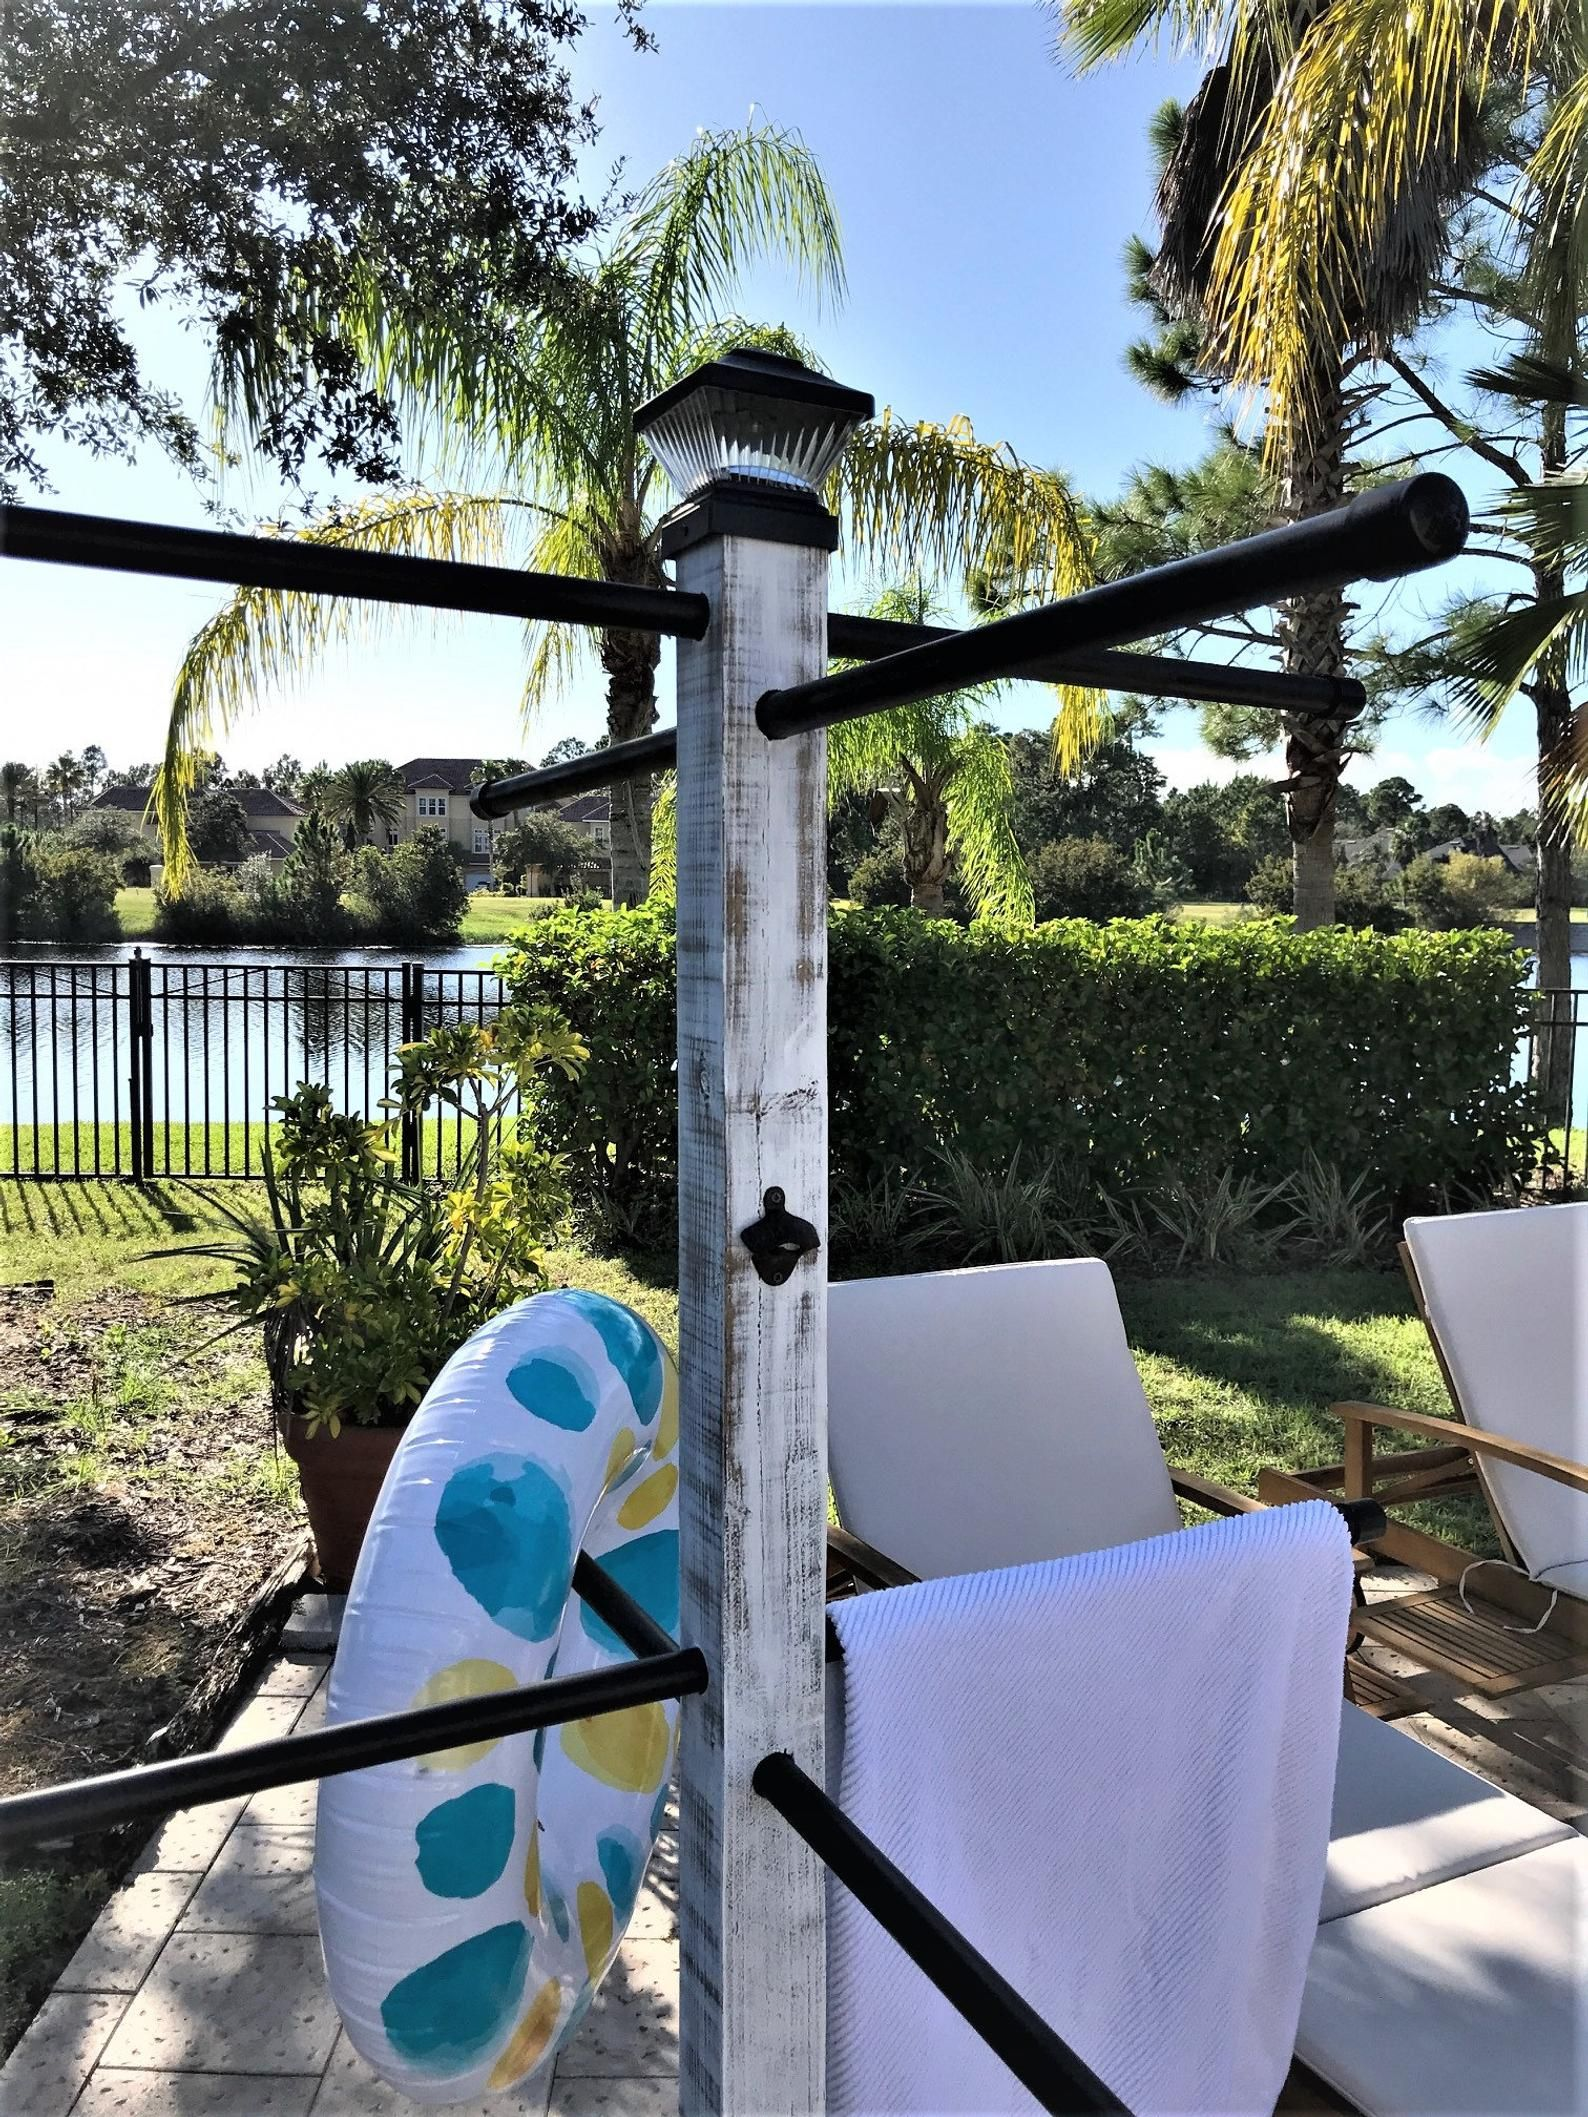 Pool Towel Tree Etsy Pool towels, Pool, Poolside decor